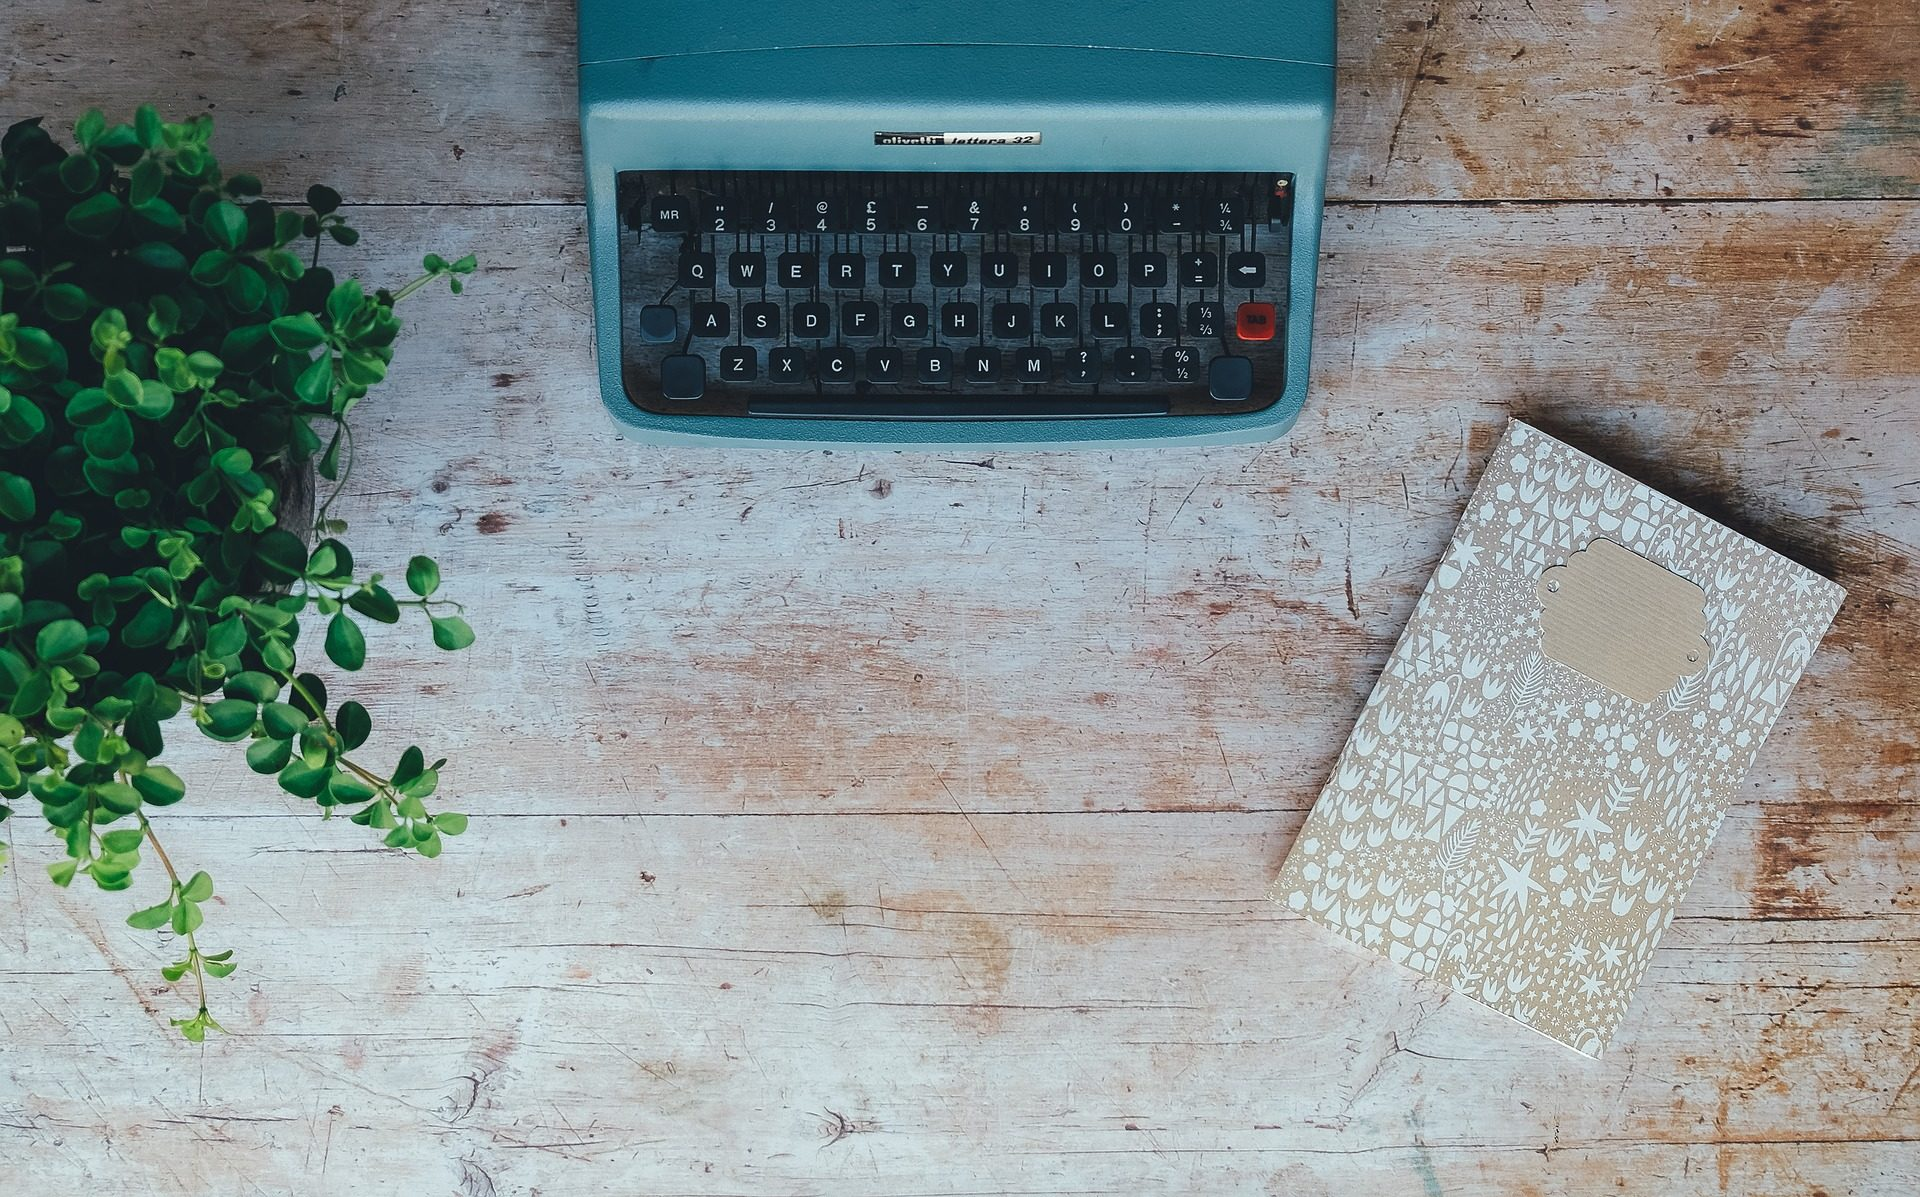 マシン, 書きます, ノートブック, 1 階, デスクトップ, 木材, ヴィンテージ - HD の壁紙 - 教授-falken.com